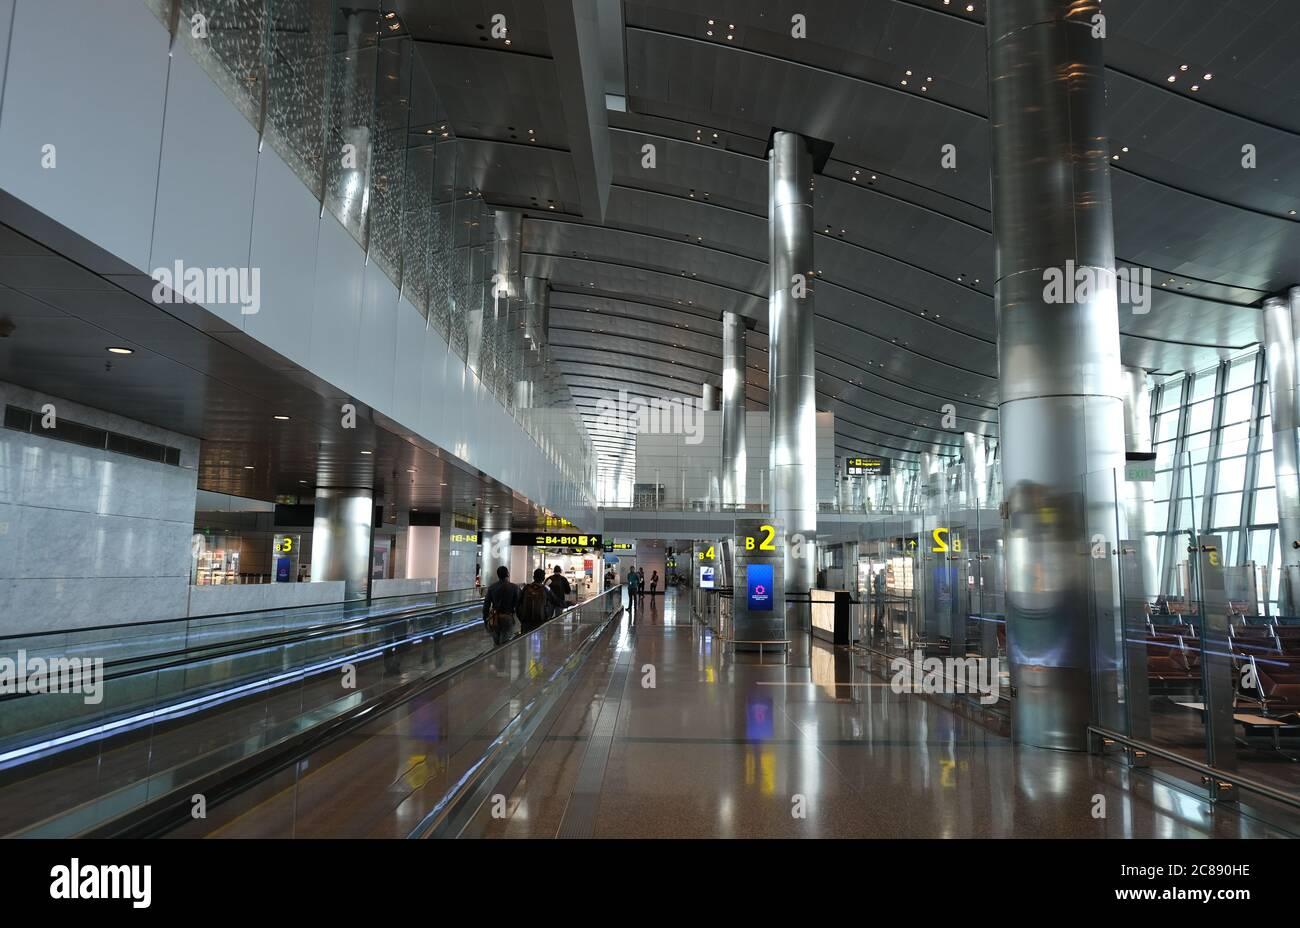 Intérieur de l'aéroport international de Hamad, à Doha Qatar, Moyen-Orient Banque D'Images